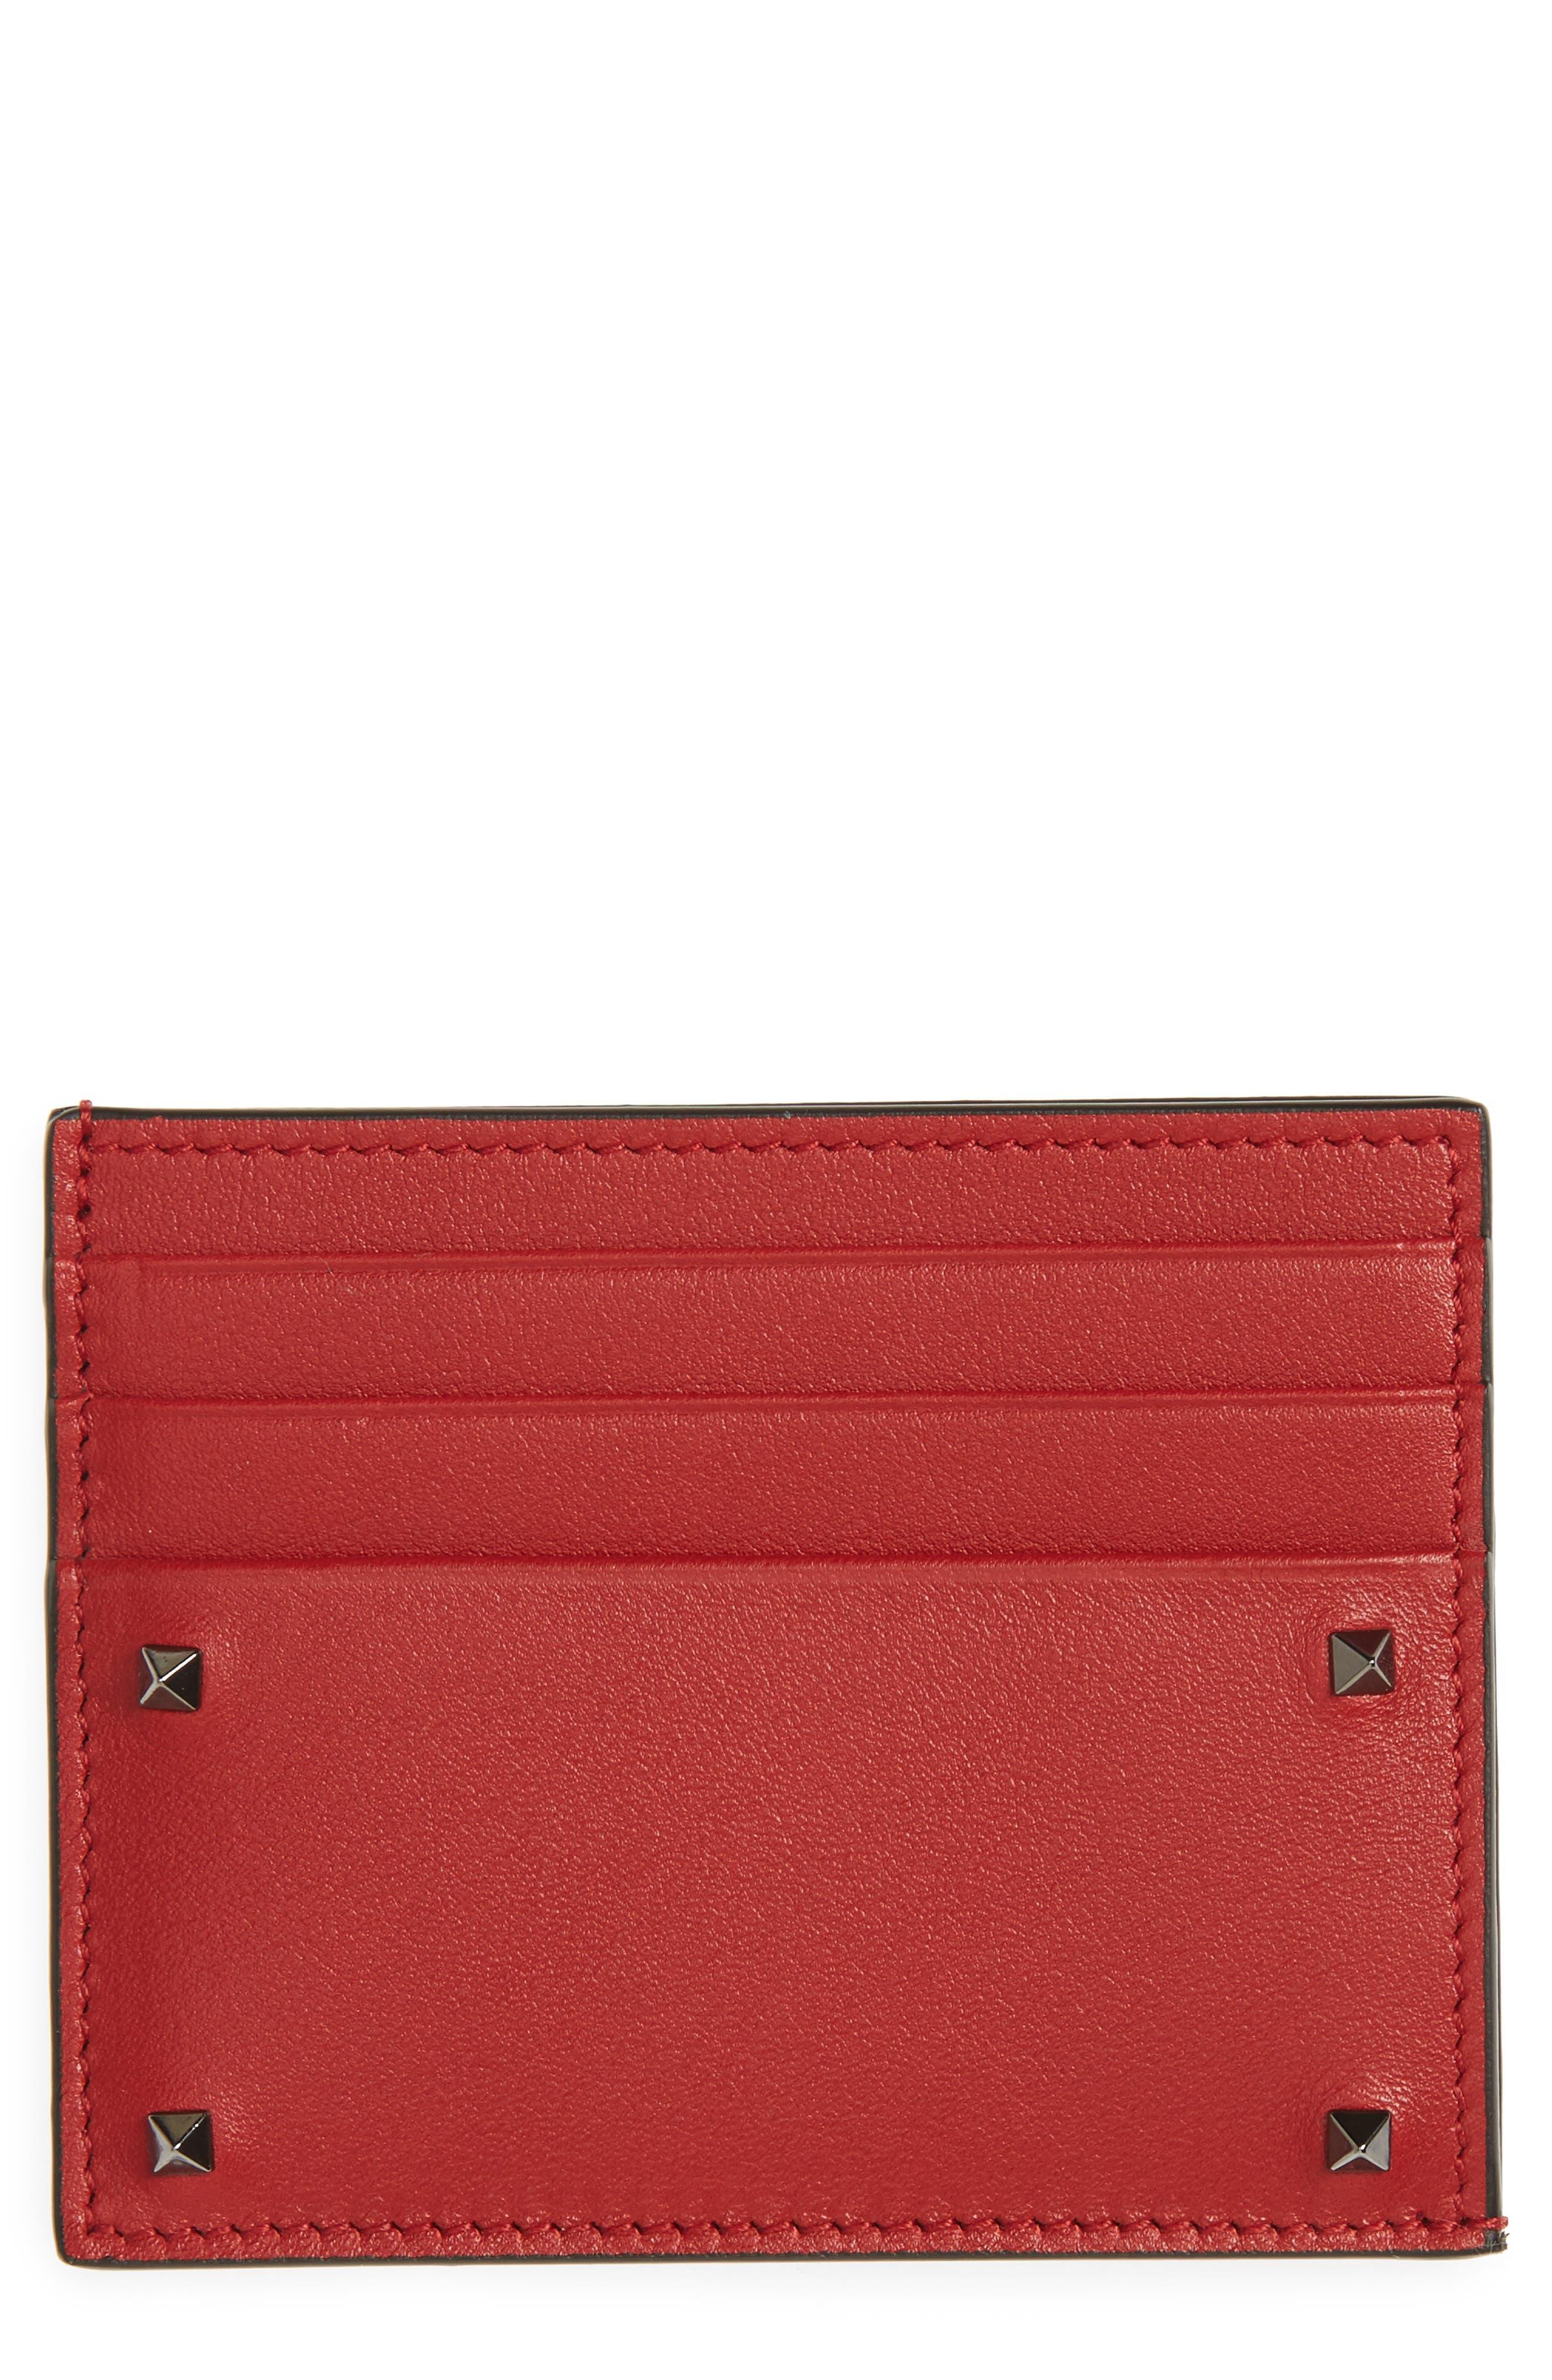 GARAVANI Mini Rock Stud Leather Card Case,                         Main,                         color, Red